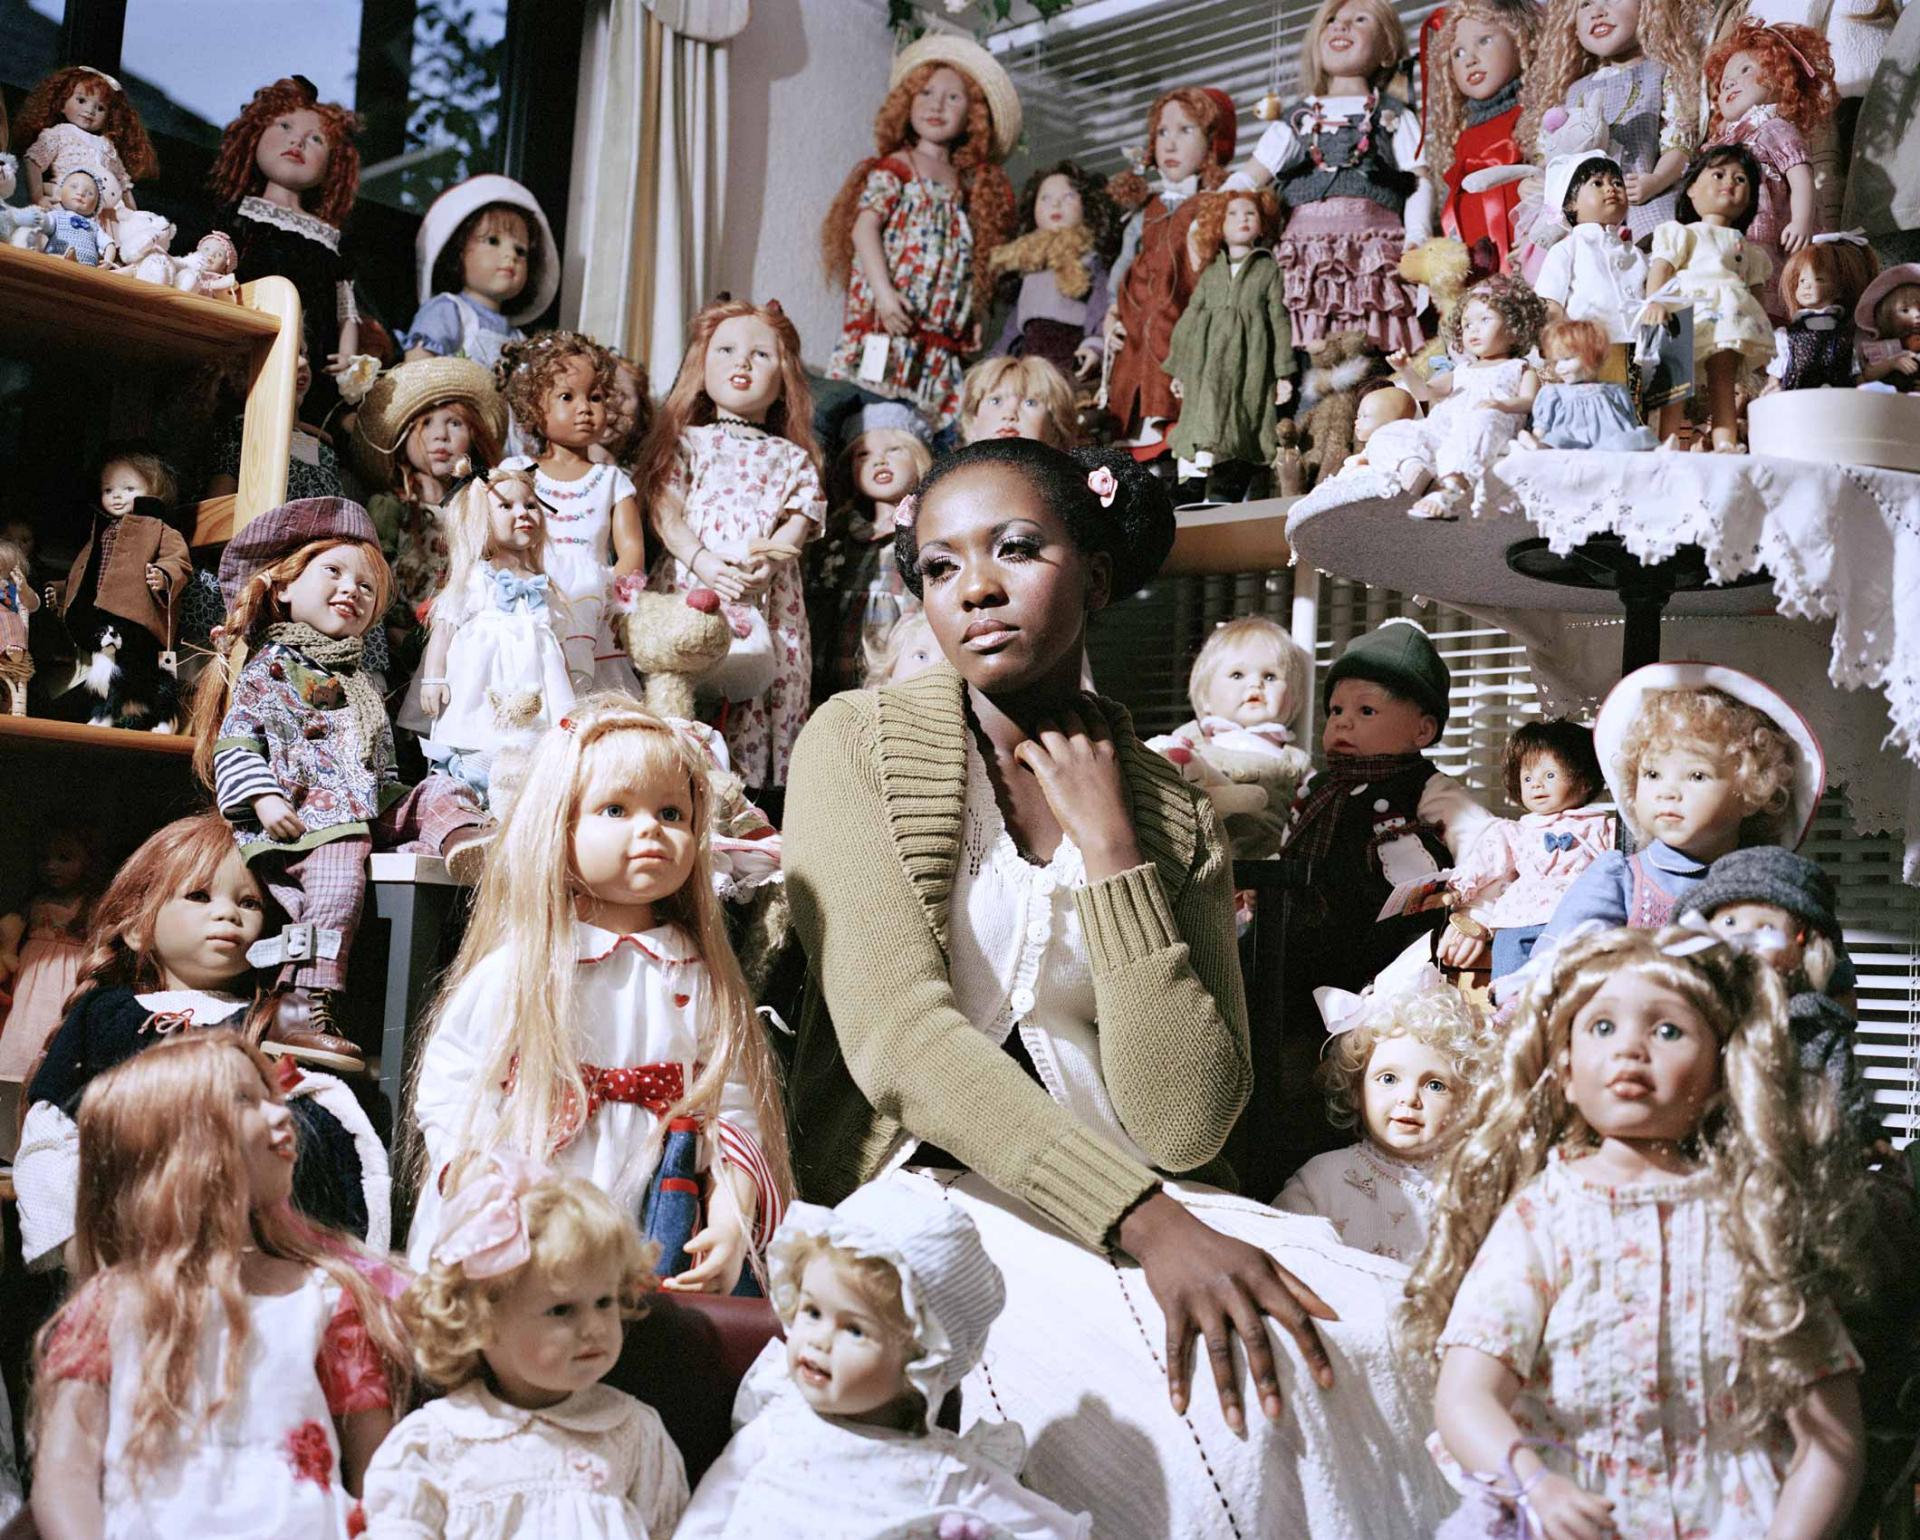 Junge schwarze Frau in weißem Kleid, umringt von unzähligen weißen Puppen